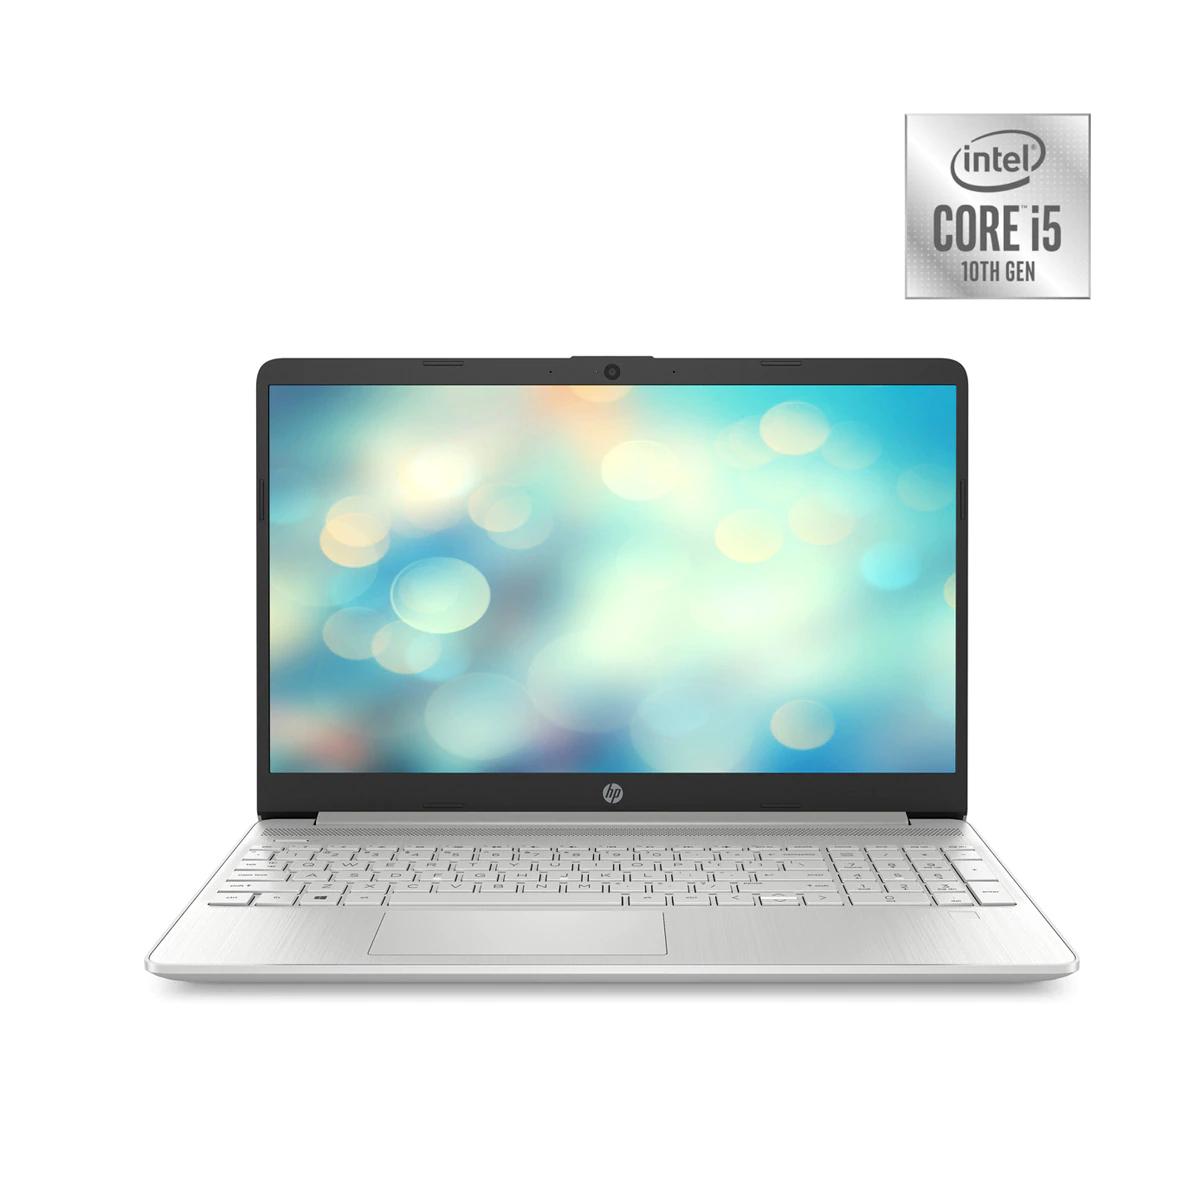 Portátil HP 15s-fq1118ns, core i5 -1035G1, 8GB, 512GB SSD, FreeDOS, FHD